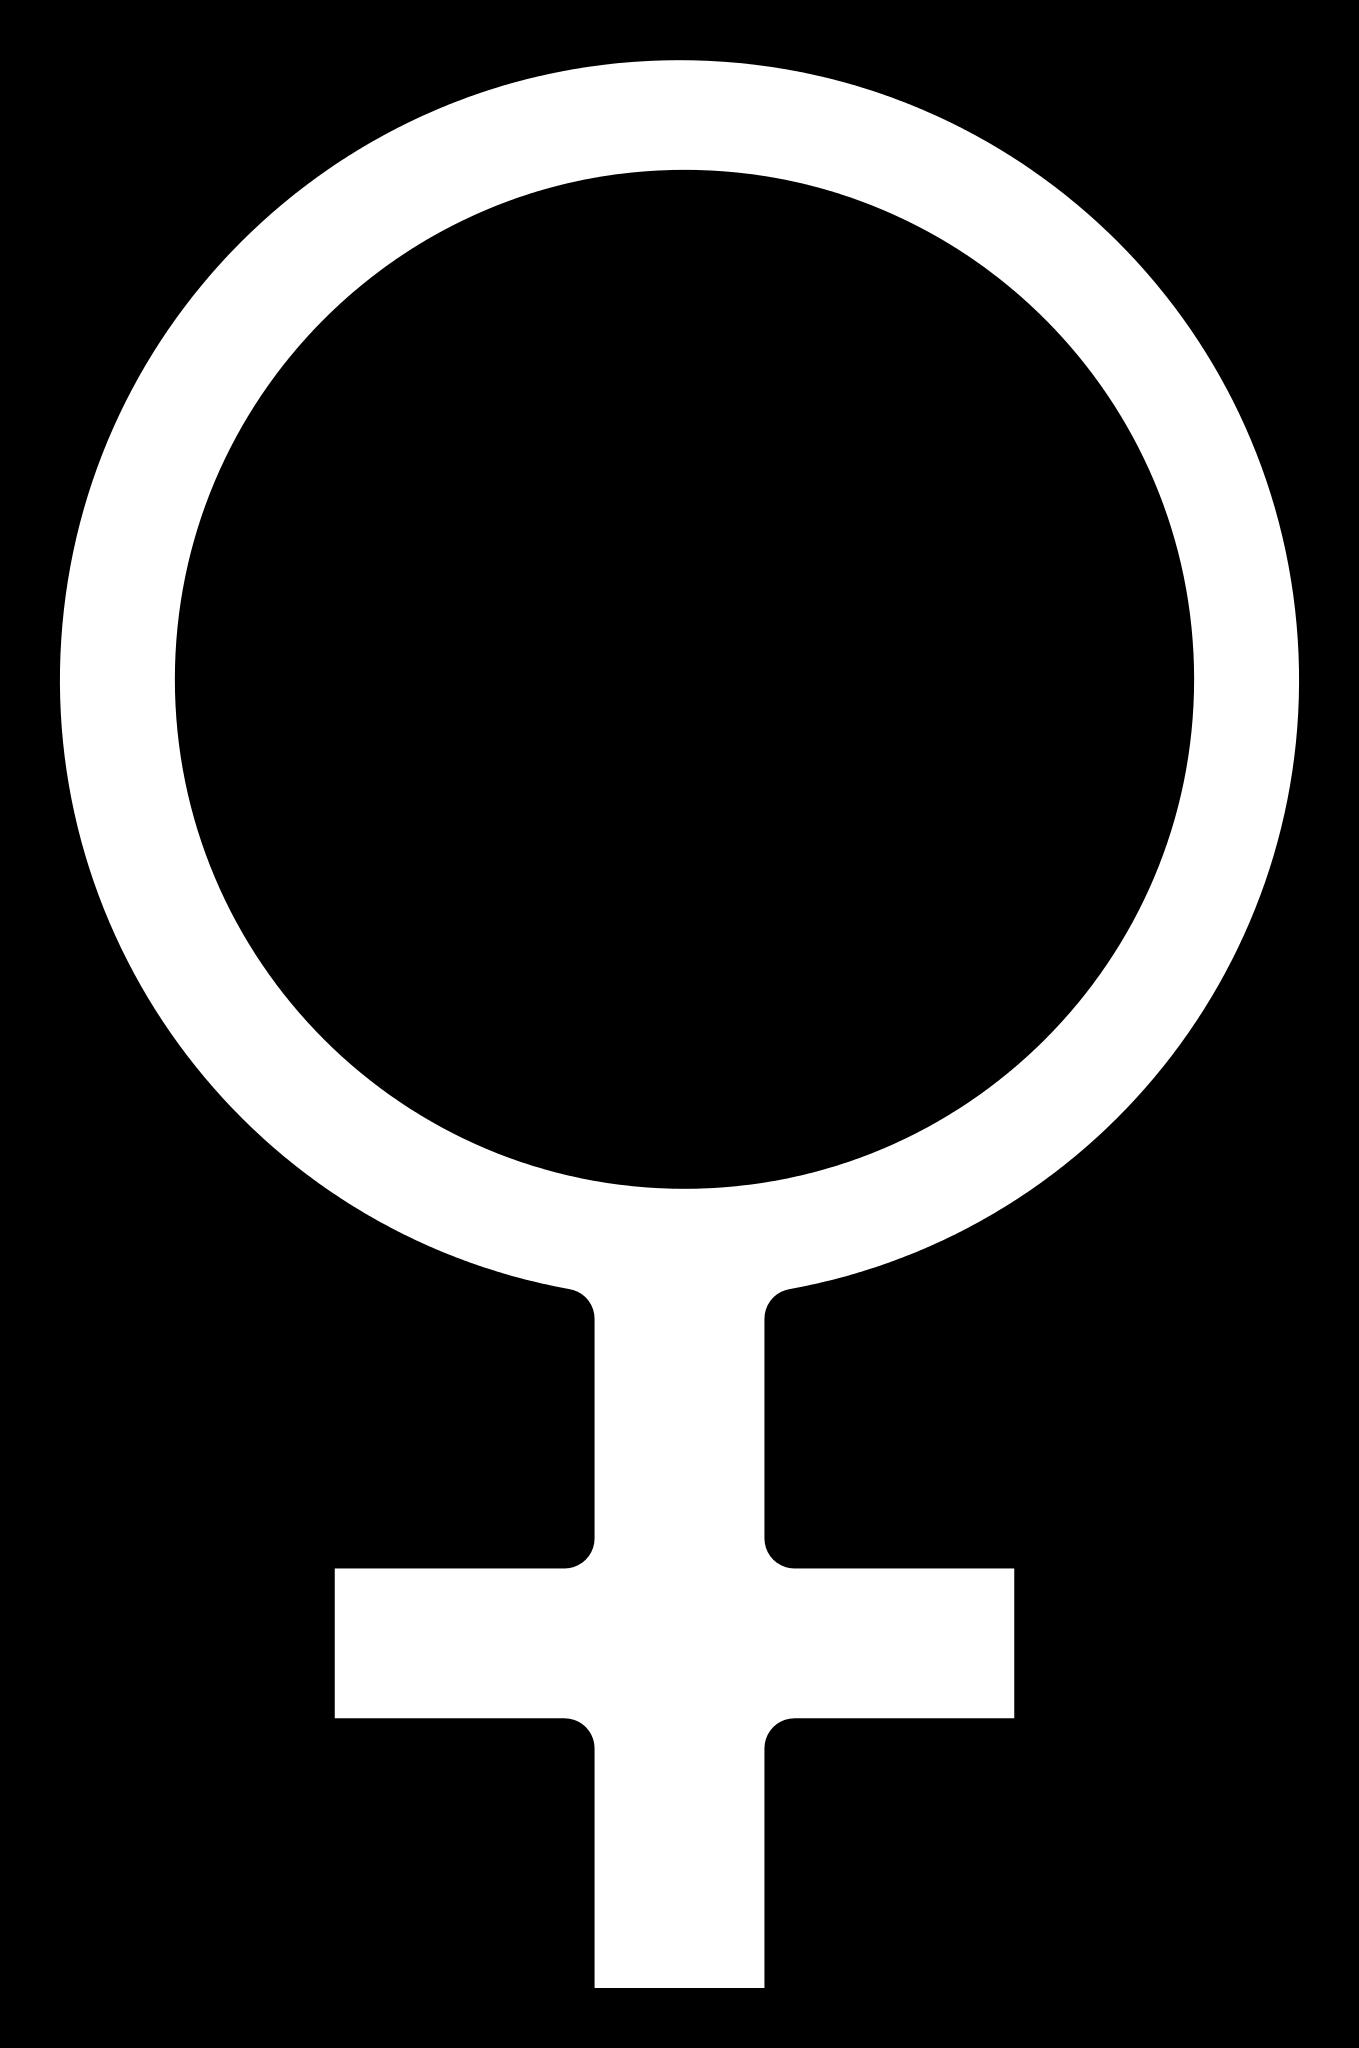 File:Female Symbol.png